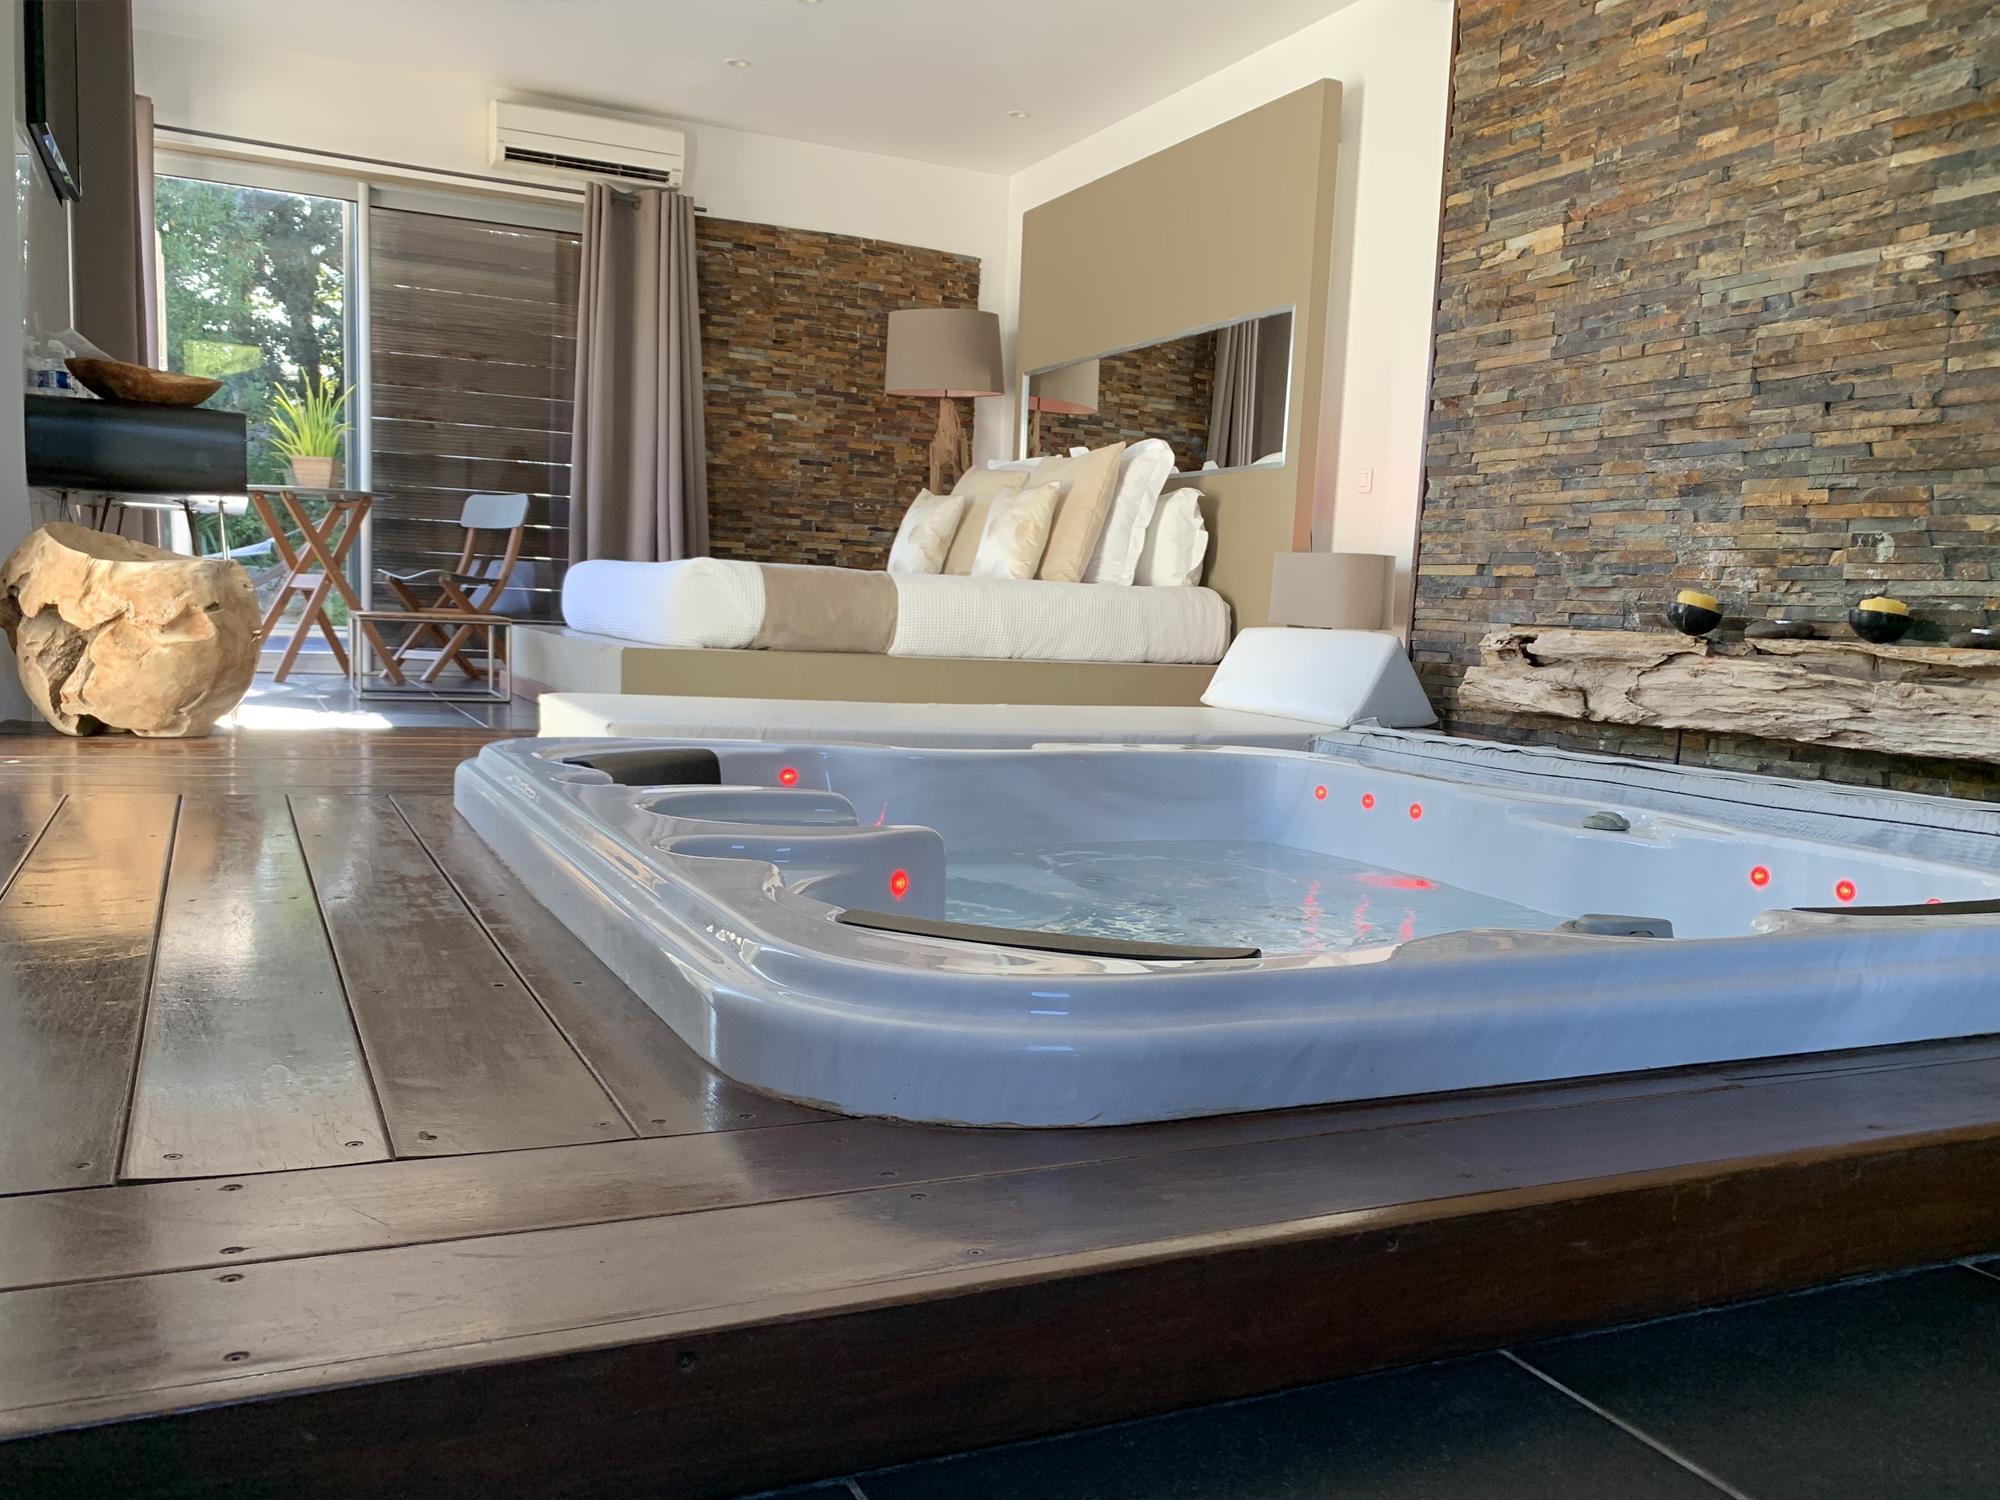 Suite 609 - Suites avec spas intérieurs et piscines chauffées privatives